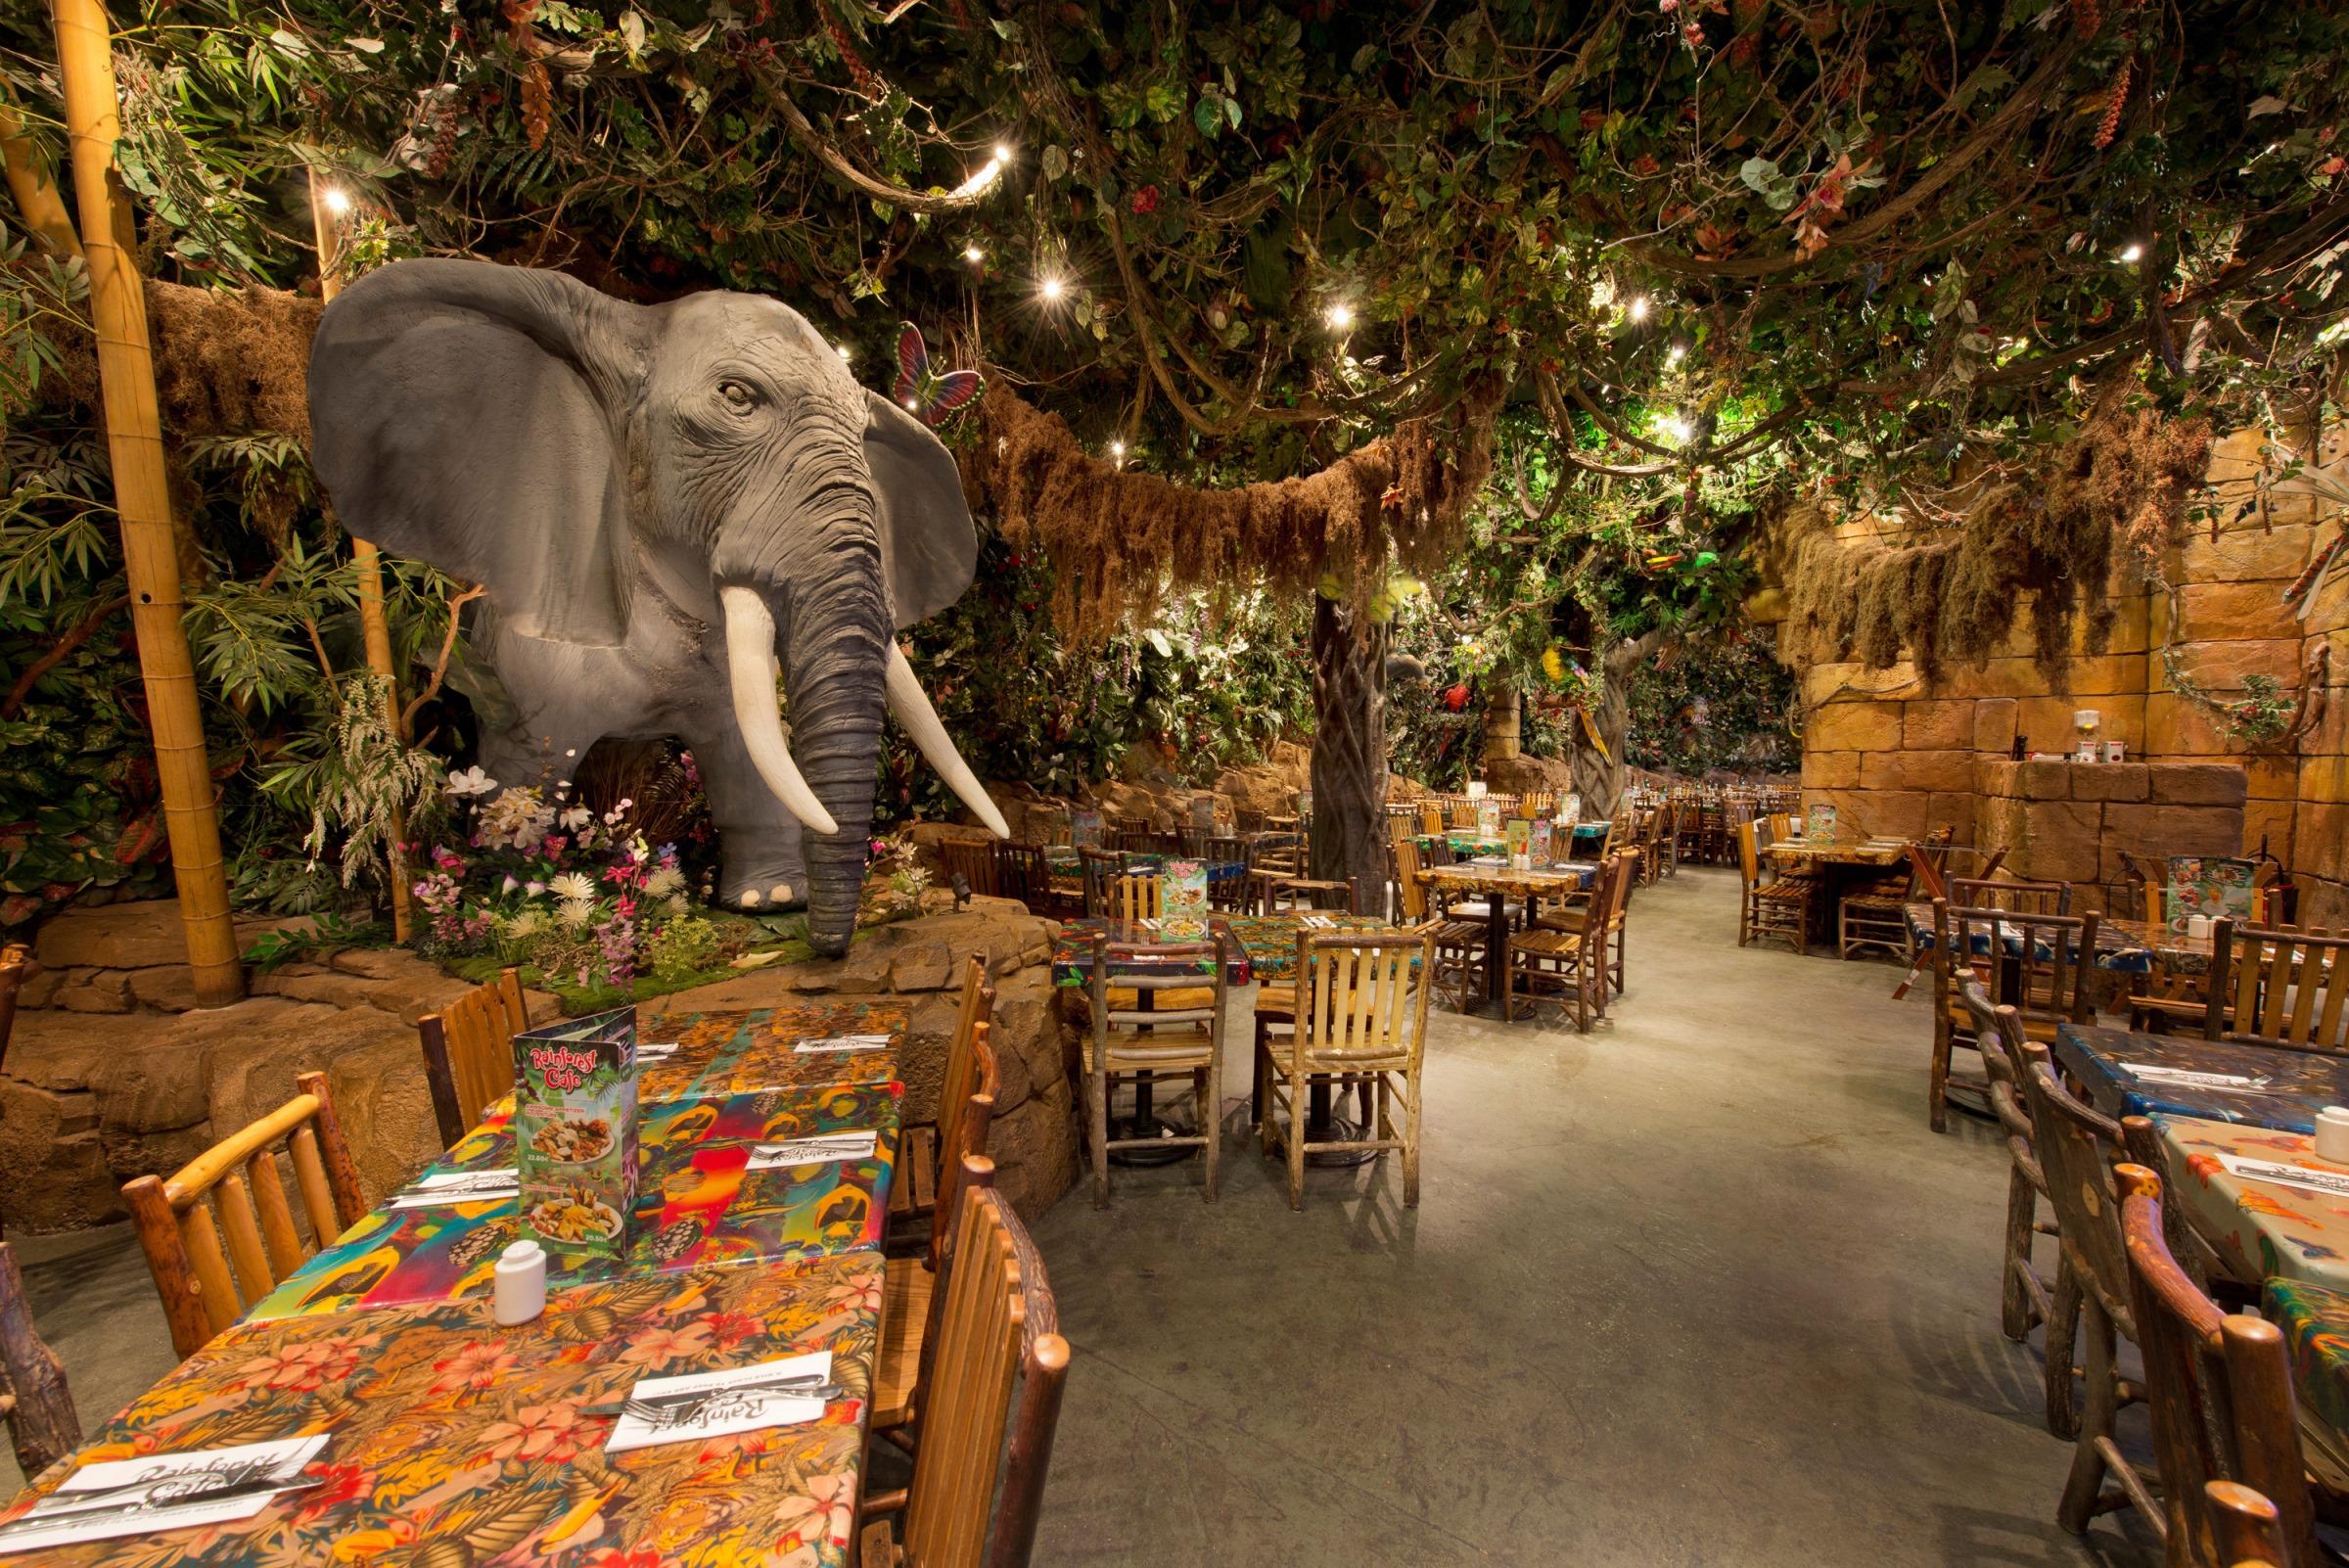 Rainforest Cafe Disneyland Paris Menu